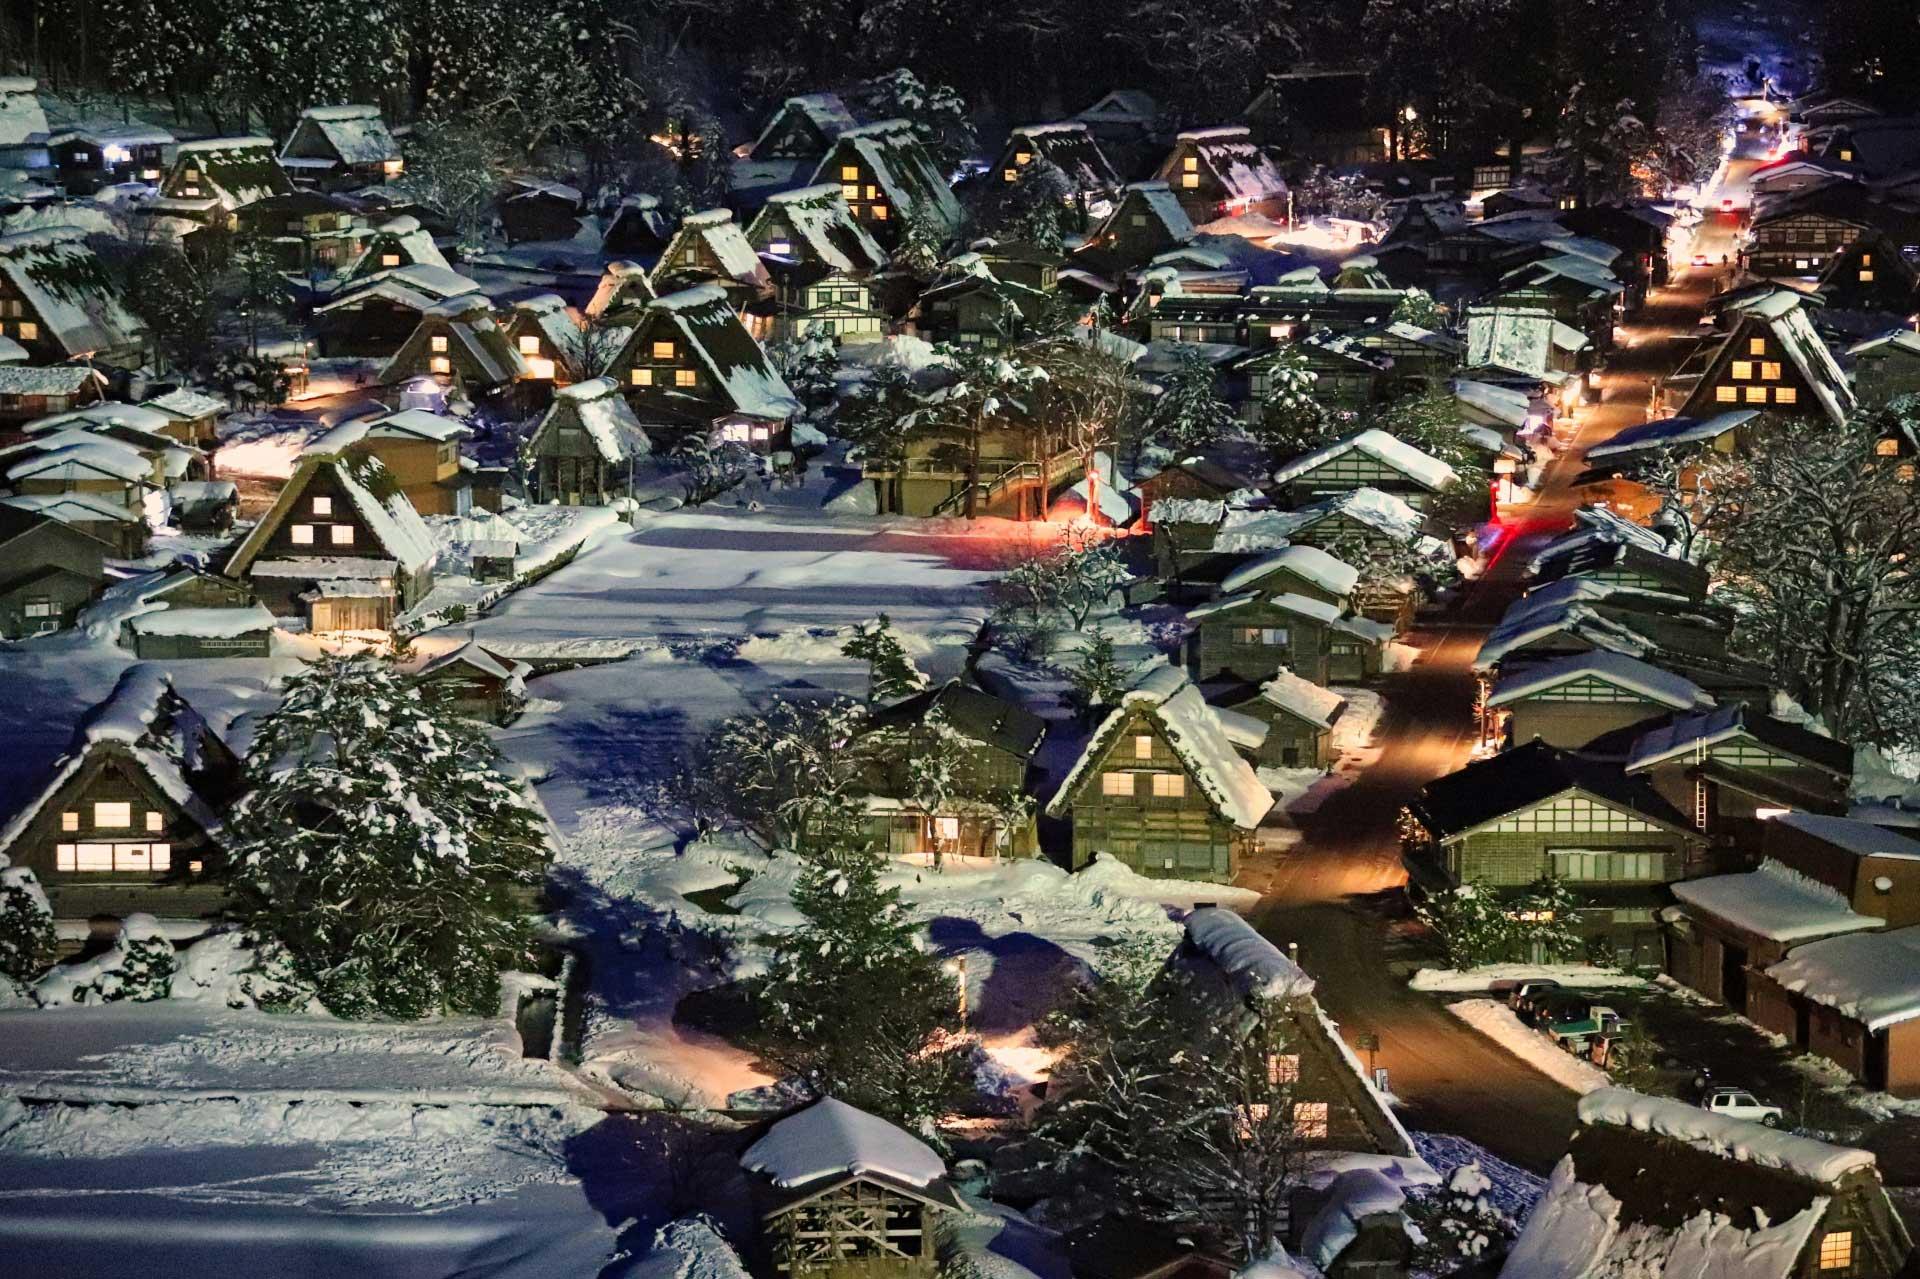 冬の夜は幻想的です